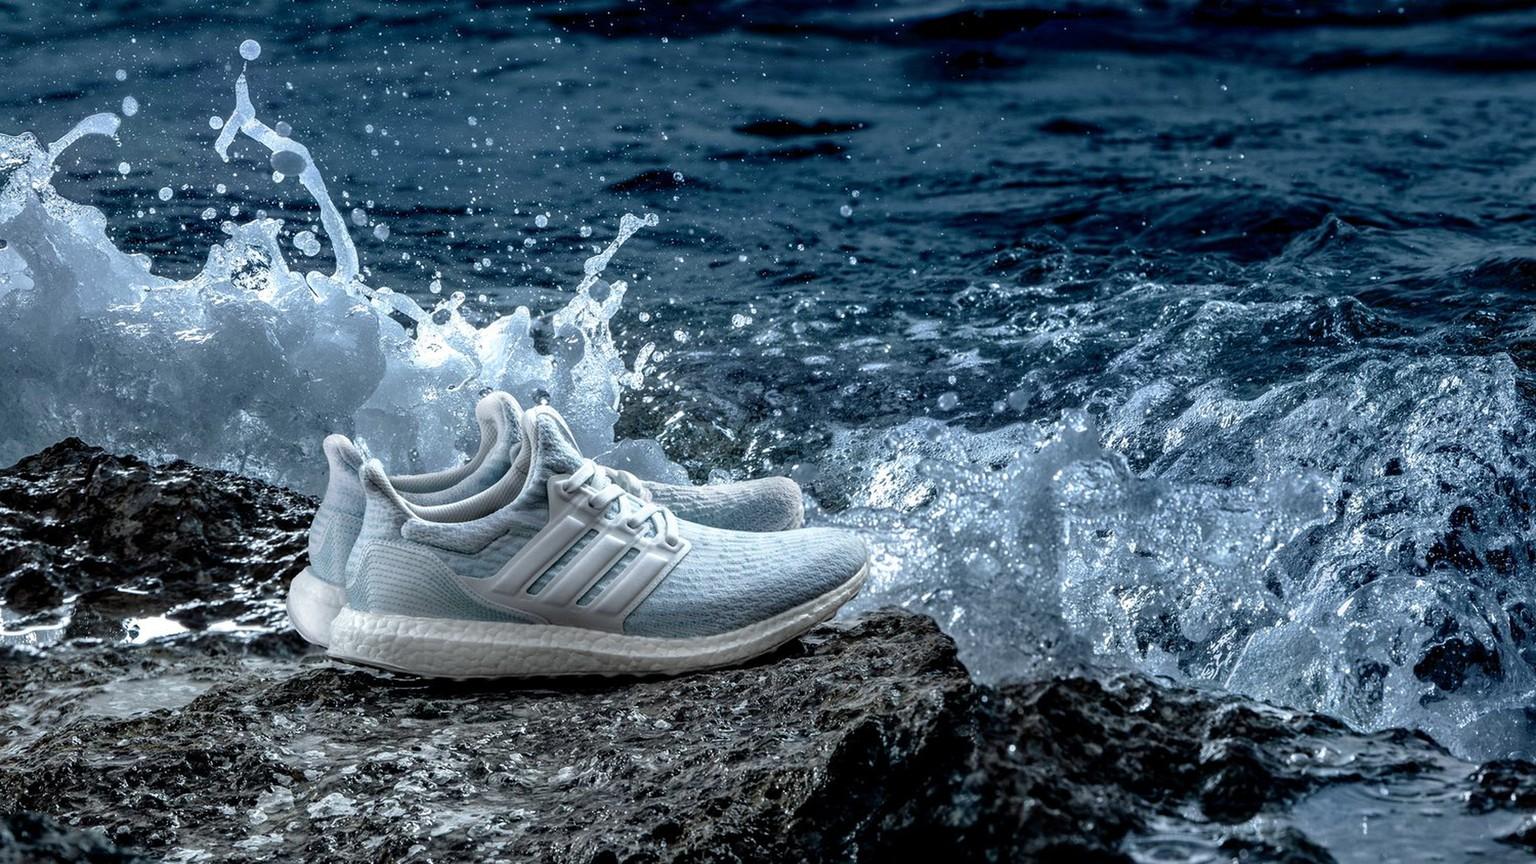 Dieser Schuh wird aus Ozean Plastik hergestellt watson